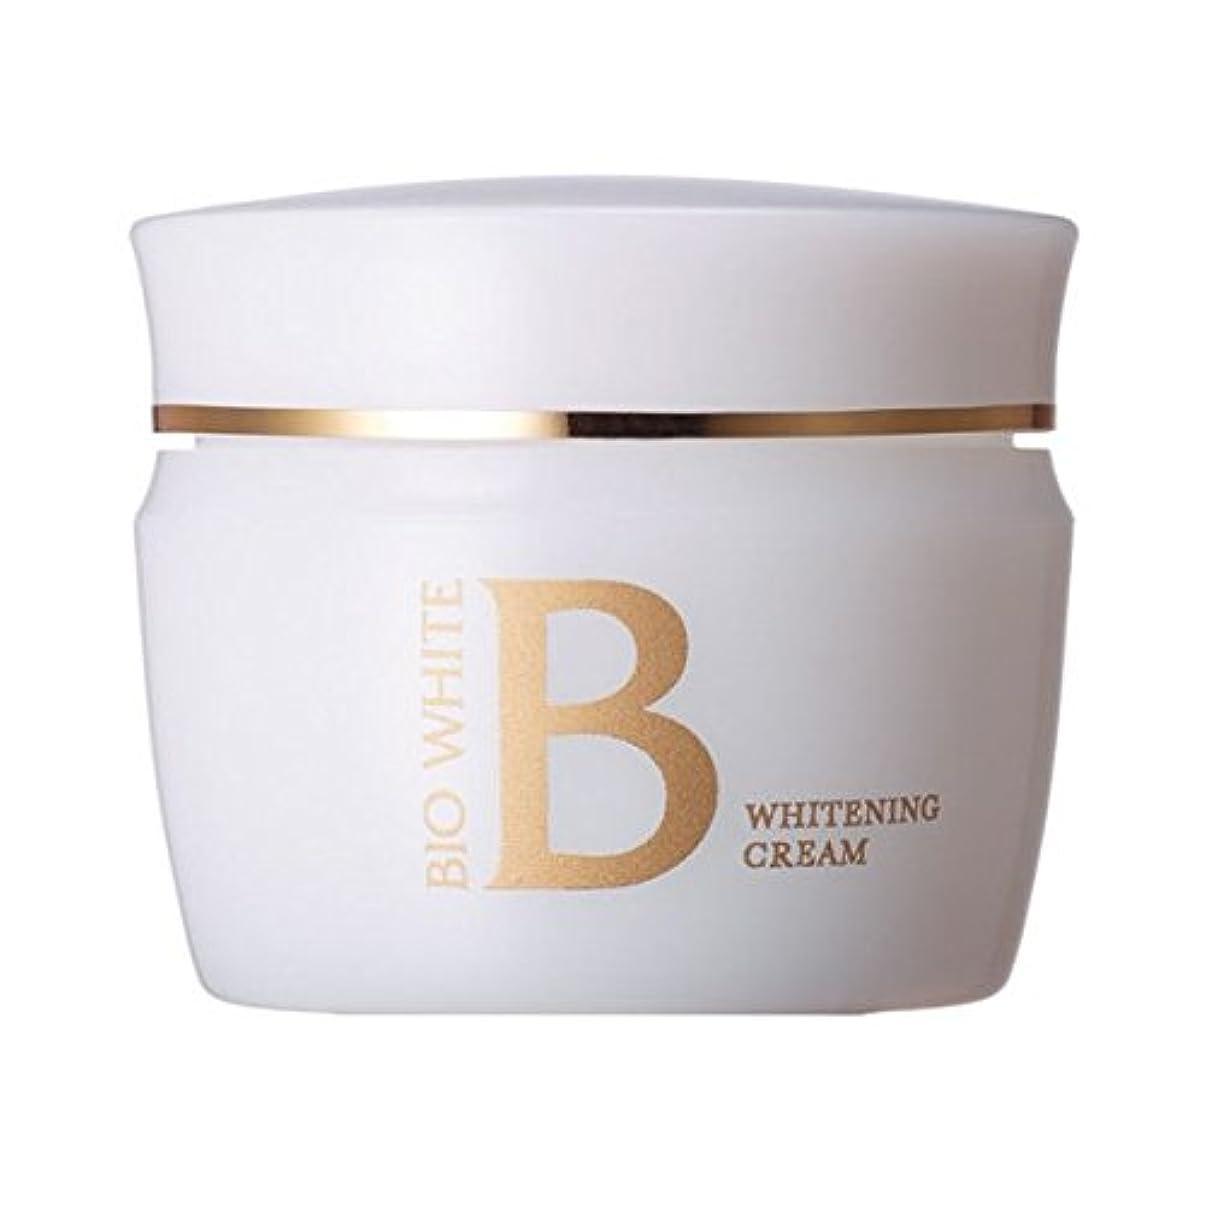 ヘッジあさり紀元前エビス化粧品(EBiS) ビーホワイトクリーム40g トラネキサム酸配合 美白クリーム フェイスクリーム